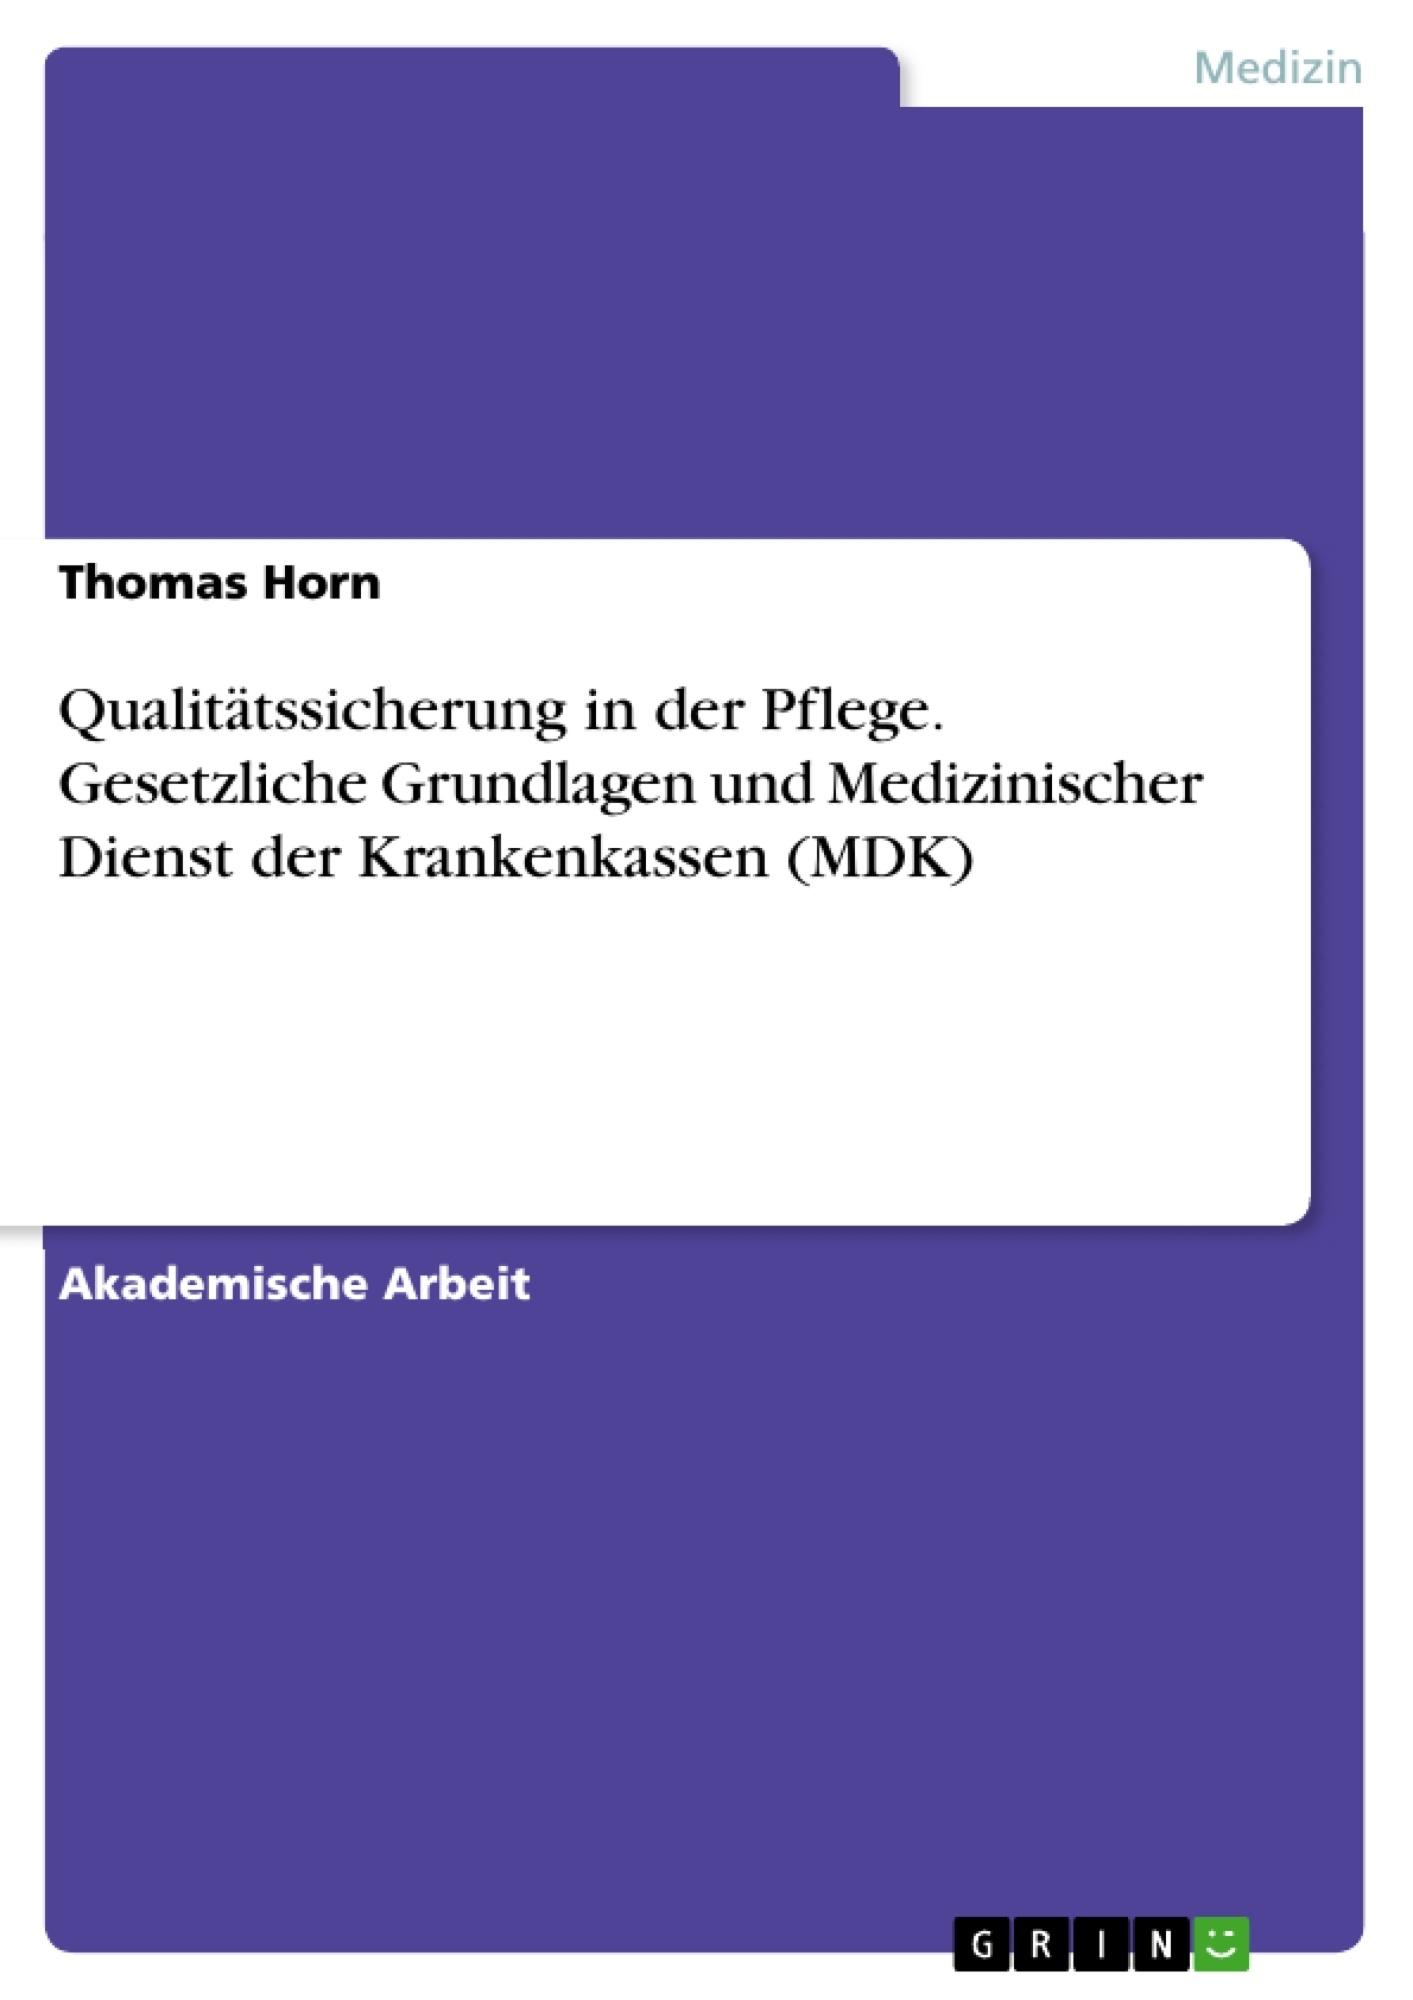 Titel: Qualitätssicherung in der Pflege. Gesetzliche Grundlagen und Medizinischer Dienst der Krankenkassen (MDK)